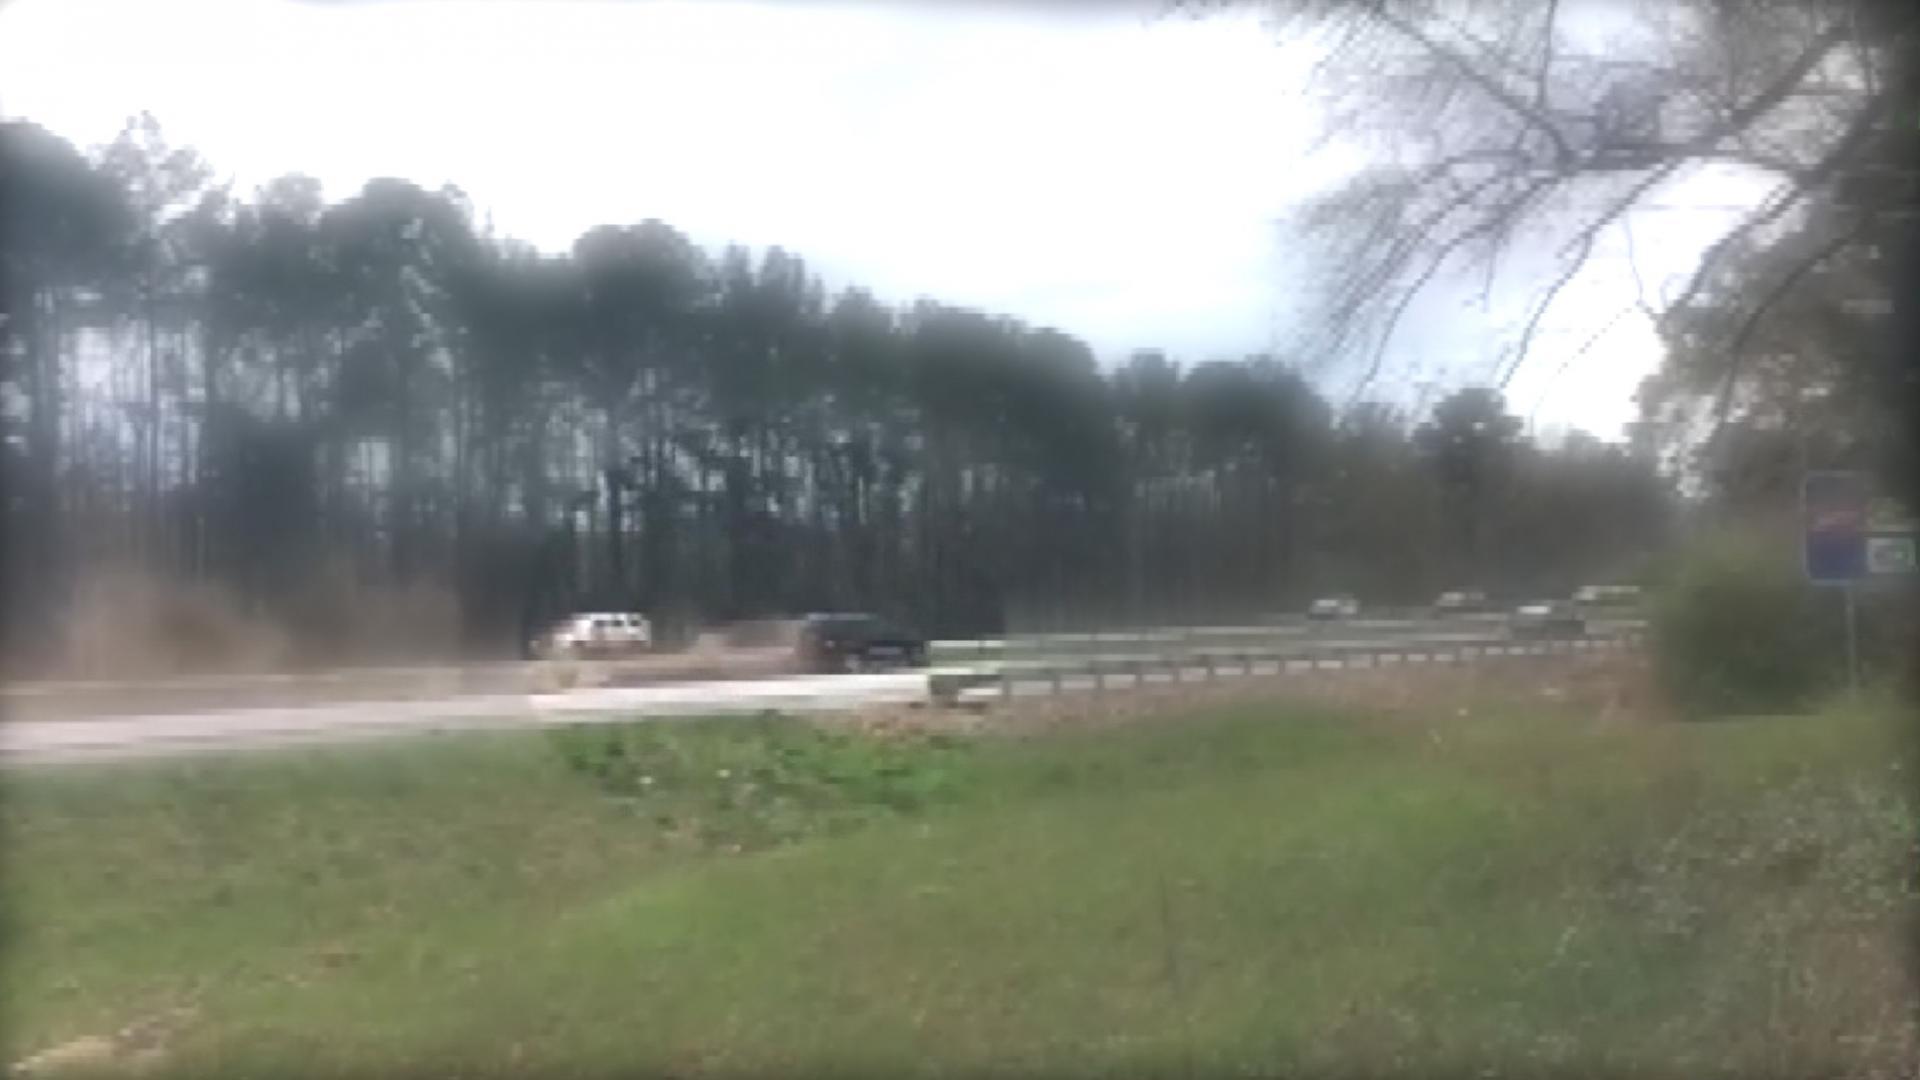 لحظة تحطم سيارة بالقرب من موكب ترامب الرئاسي